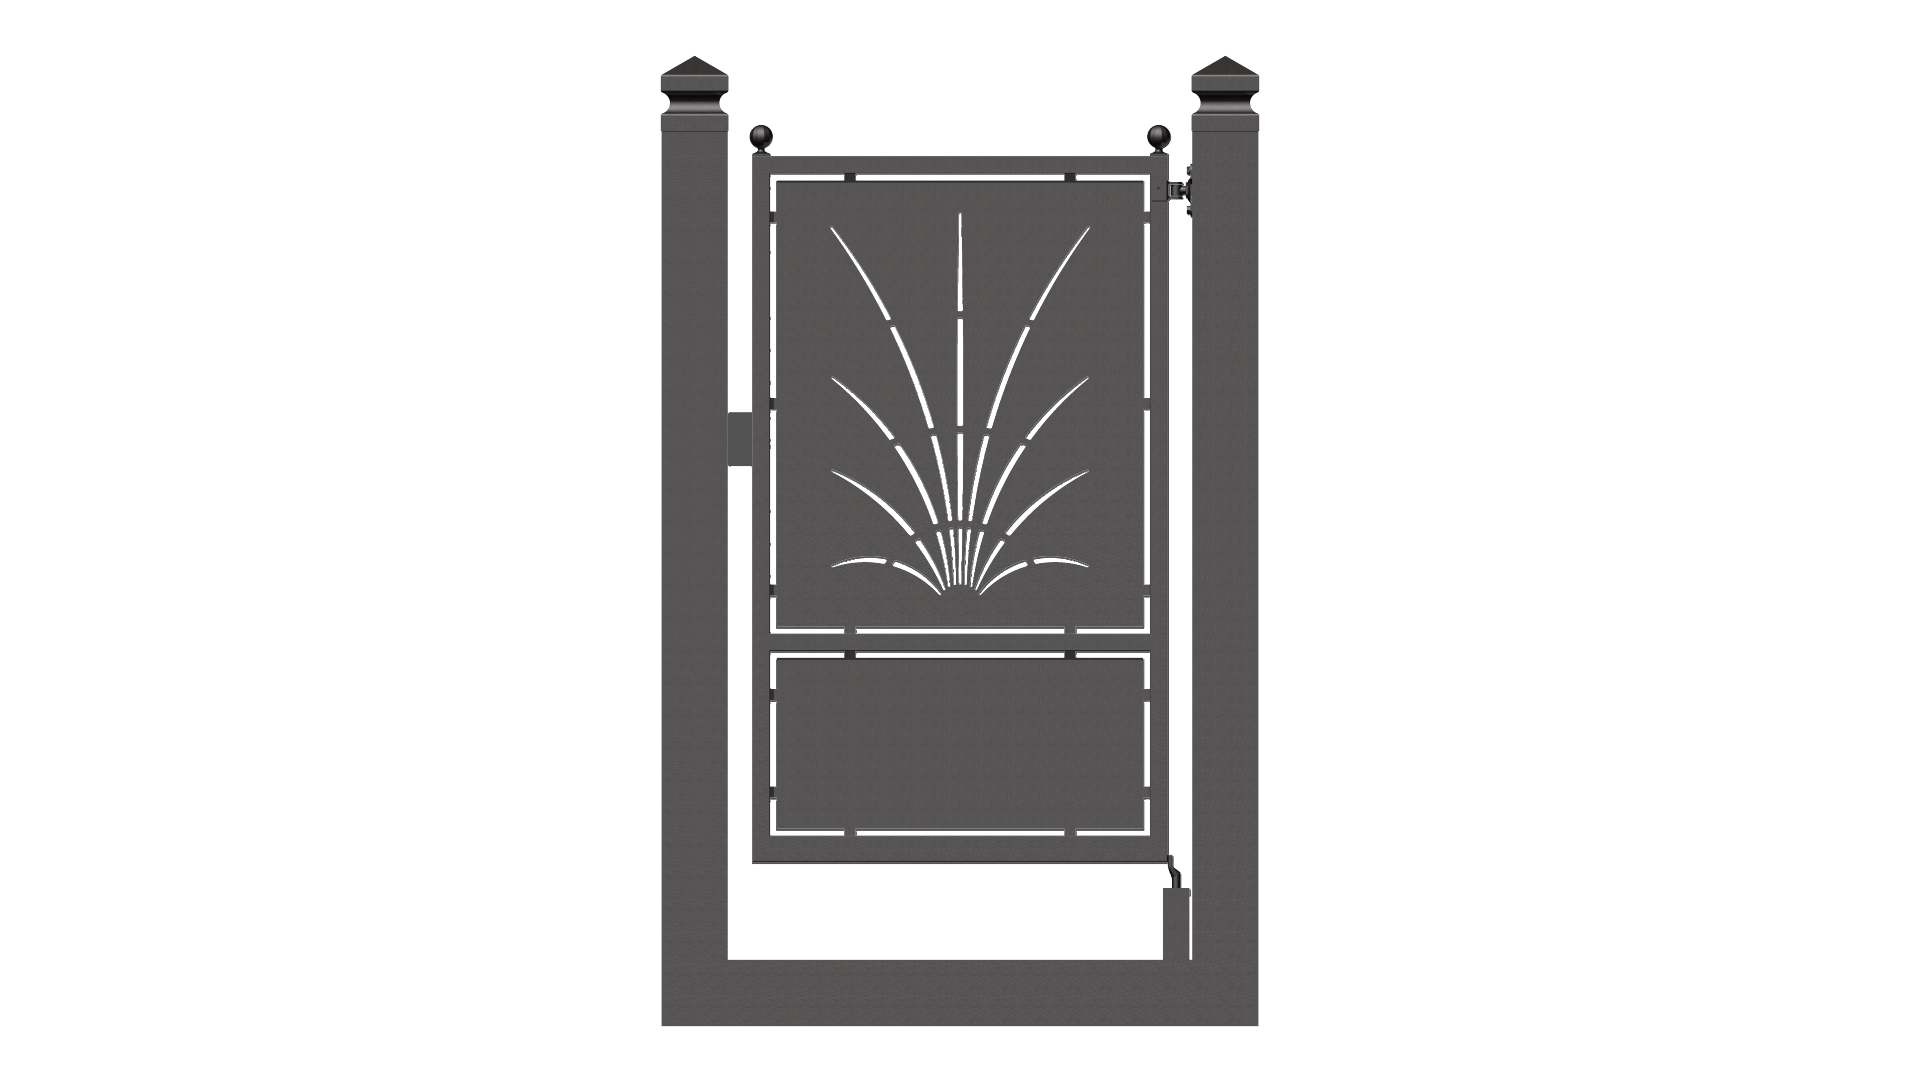 Forgiafer cancelli e recinzioni in ferro battuto - Cancelletto in ferro battuto ...